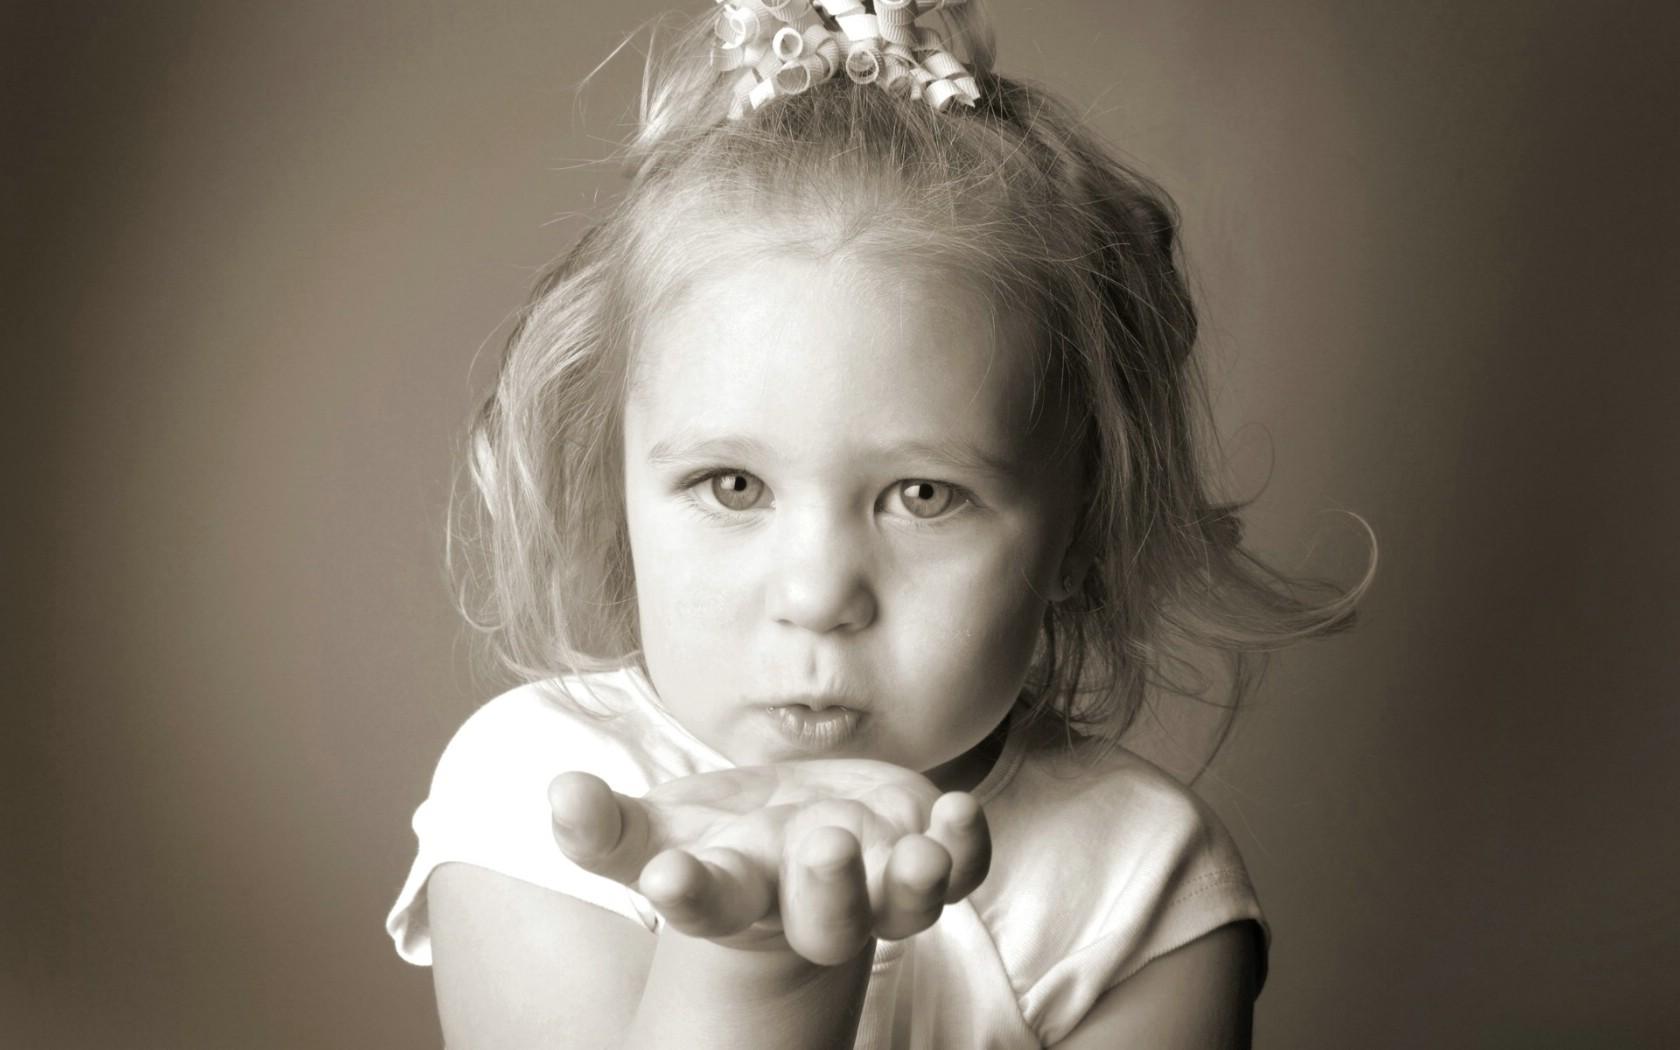 小美女的飞吻图片壁纸